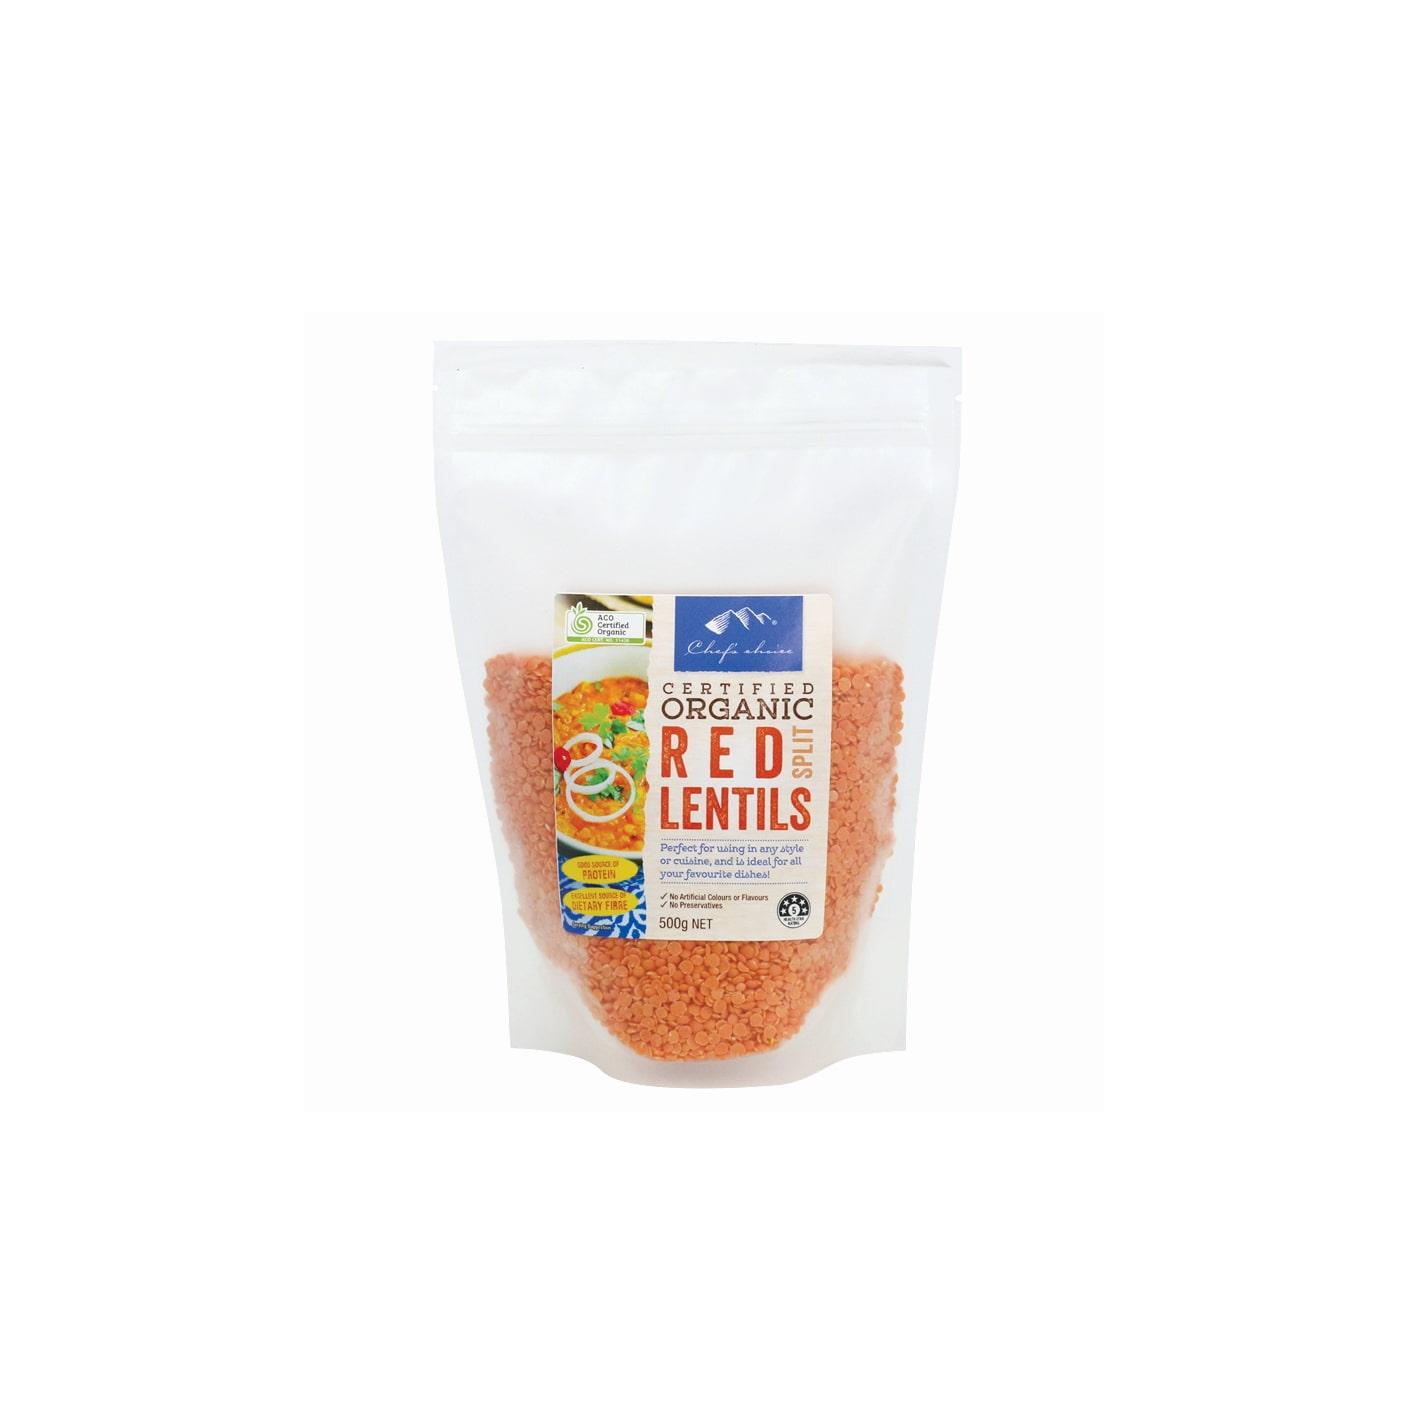 Organic Red Split lentils 500g